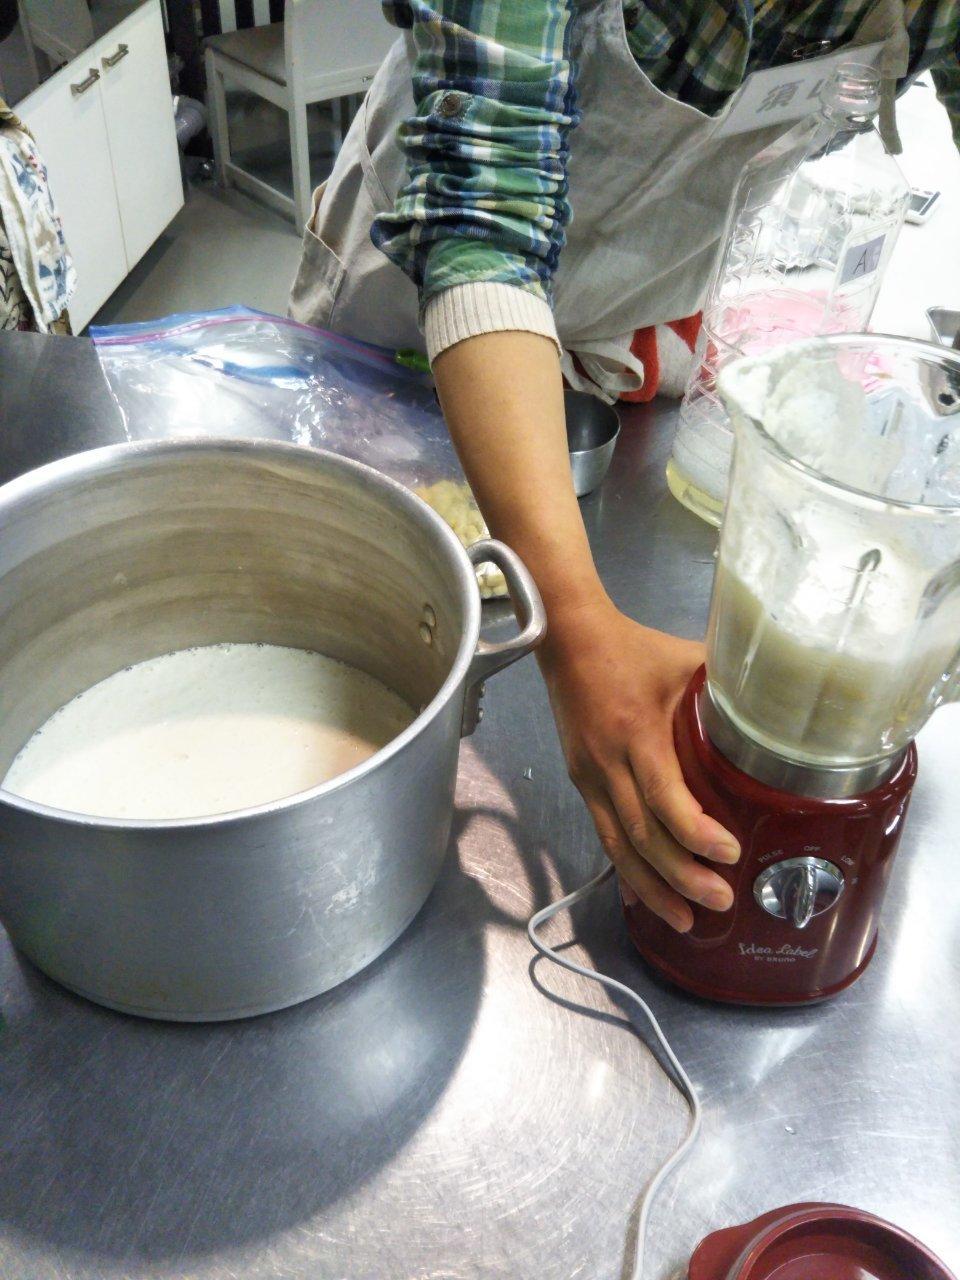 ー食育フェスー②豆腐屋さんになってみよう! 終了報告_b0297136_12432231.jpg